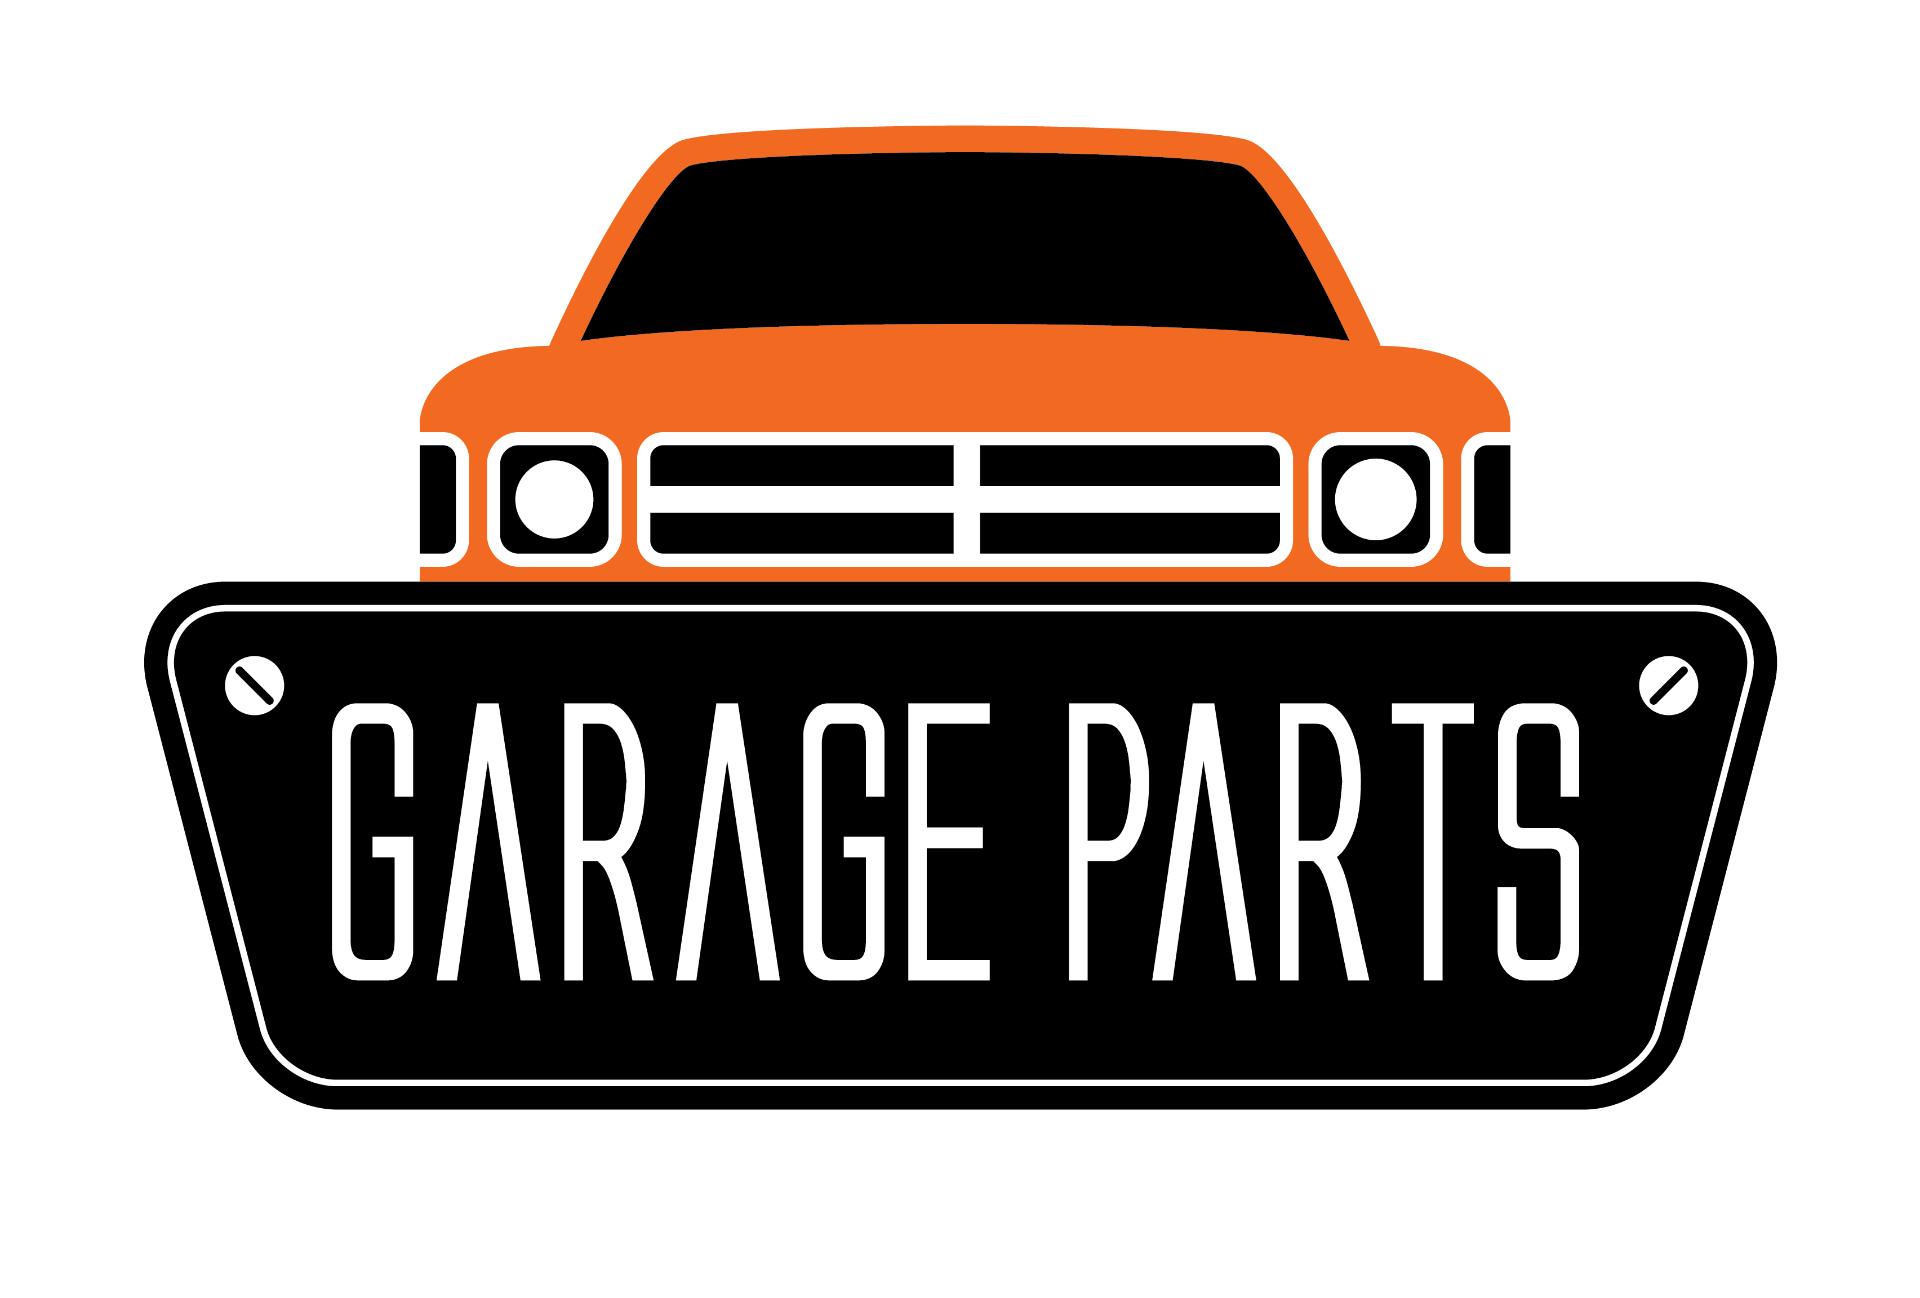 GARAGE PARTS - Peças e Acessórios - Maçanetas - Antenas - Capas de Pedal - Fechaduras